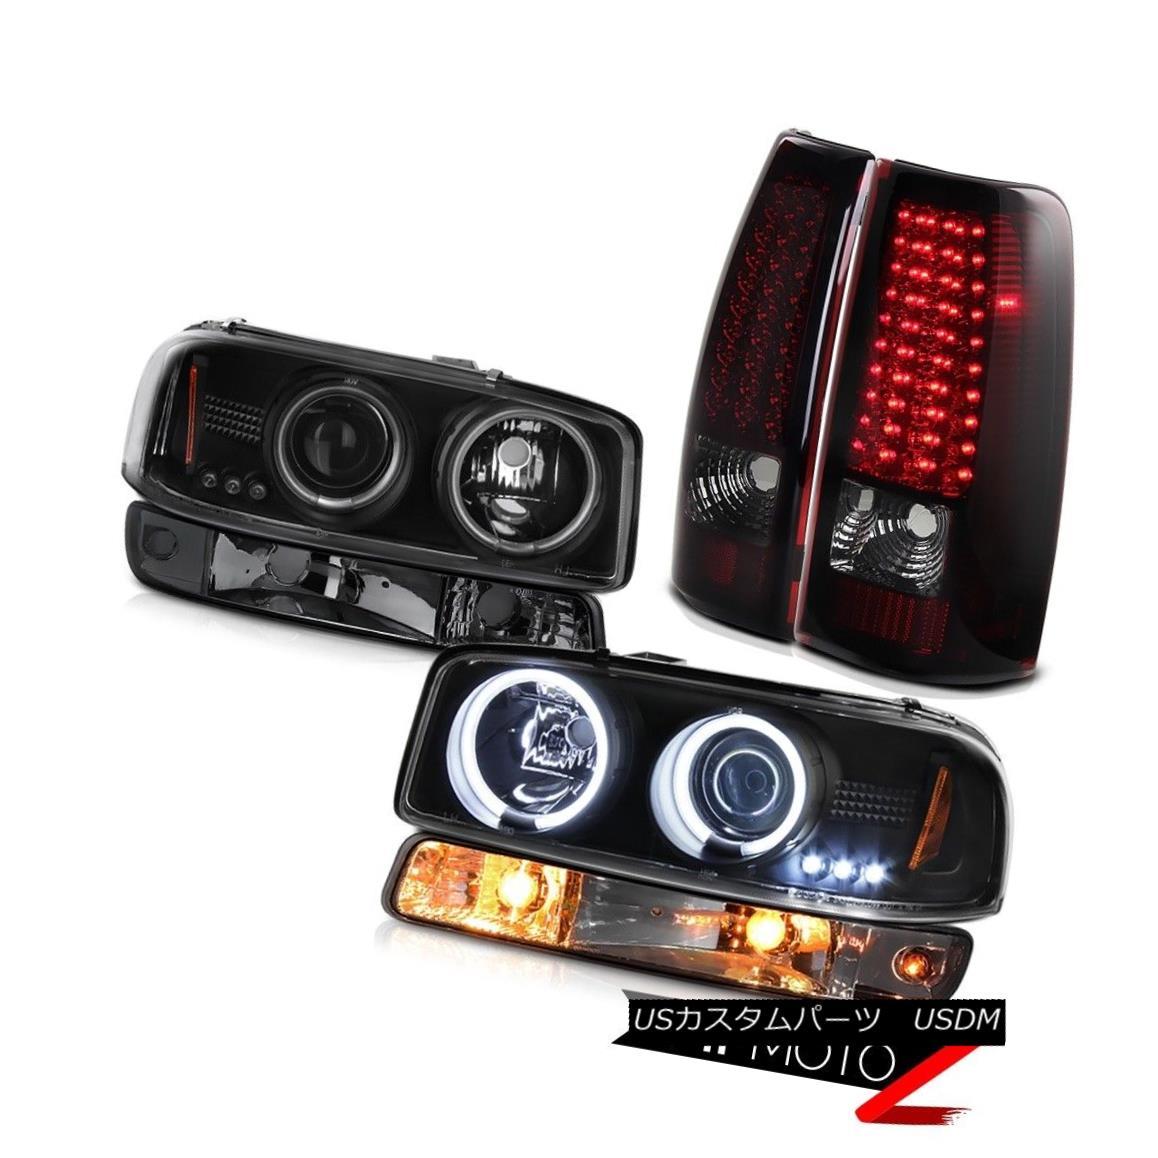 ヘッドライト 99-06 Sierra 2500HD Taillamps signal light inky black ccfl projector headlamps 99-06 Sierra 2500HD Taillamps信号光インクブラックccflプロジェクターヘッドランプ